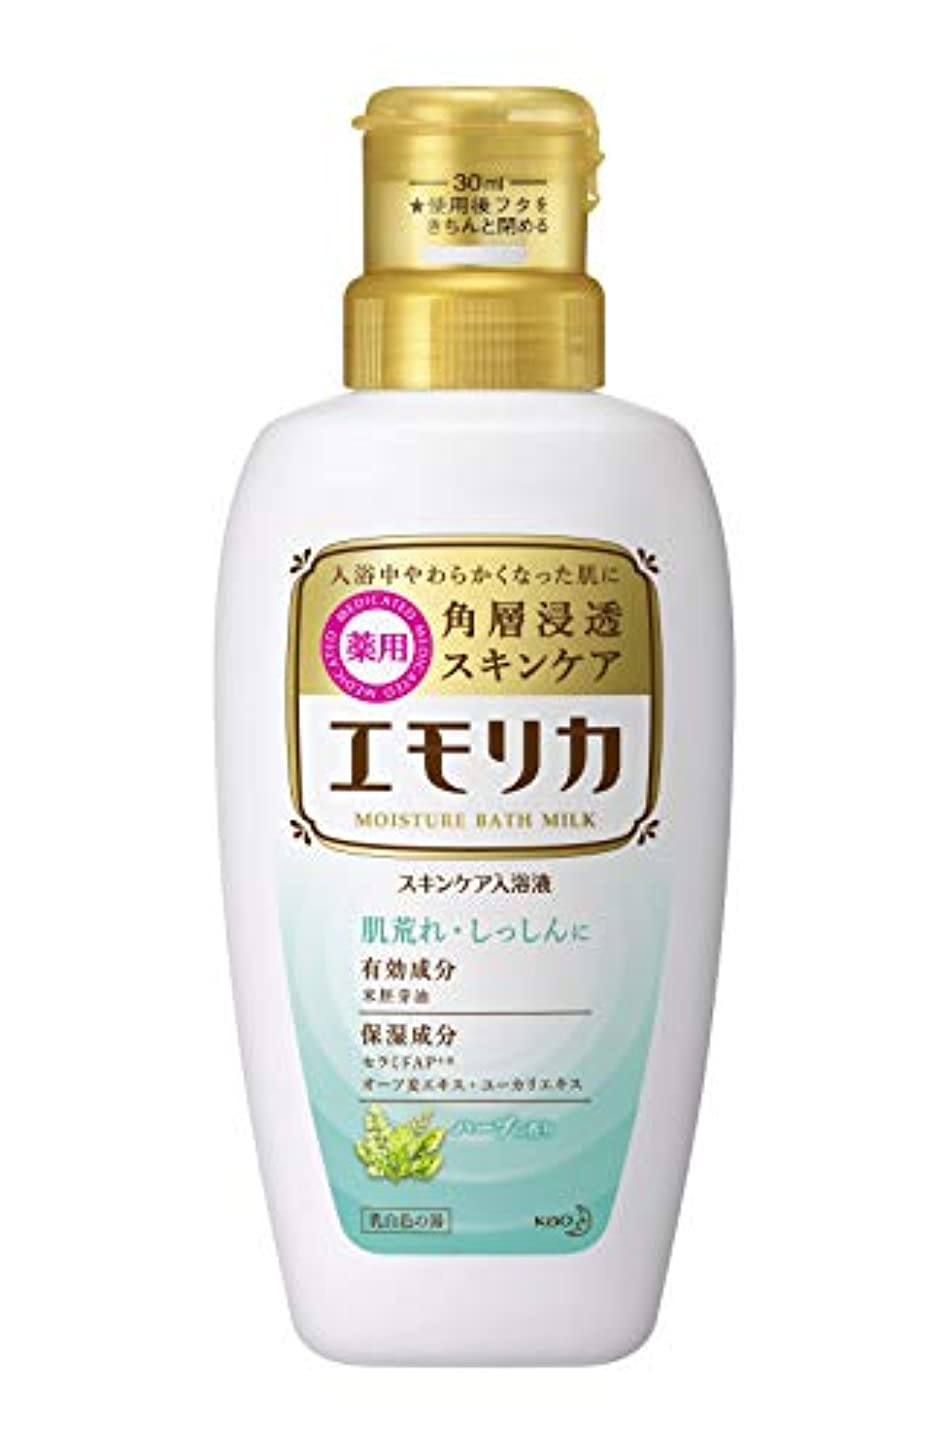 柱パンチ考案するエモリカ 薬用スキンケア入浴液 ハーブの香り 本体 450ml 液体 入浴剤 (赤ちゃんにも使えます)